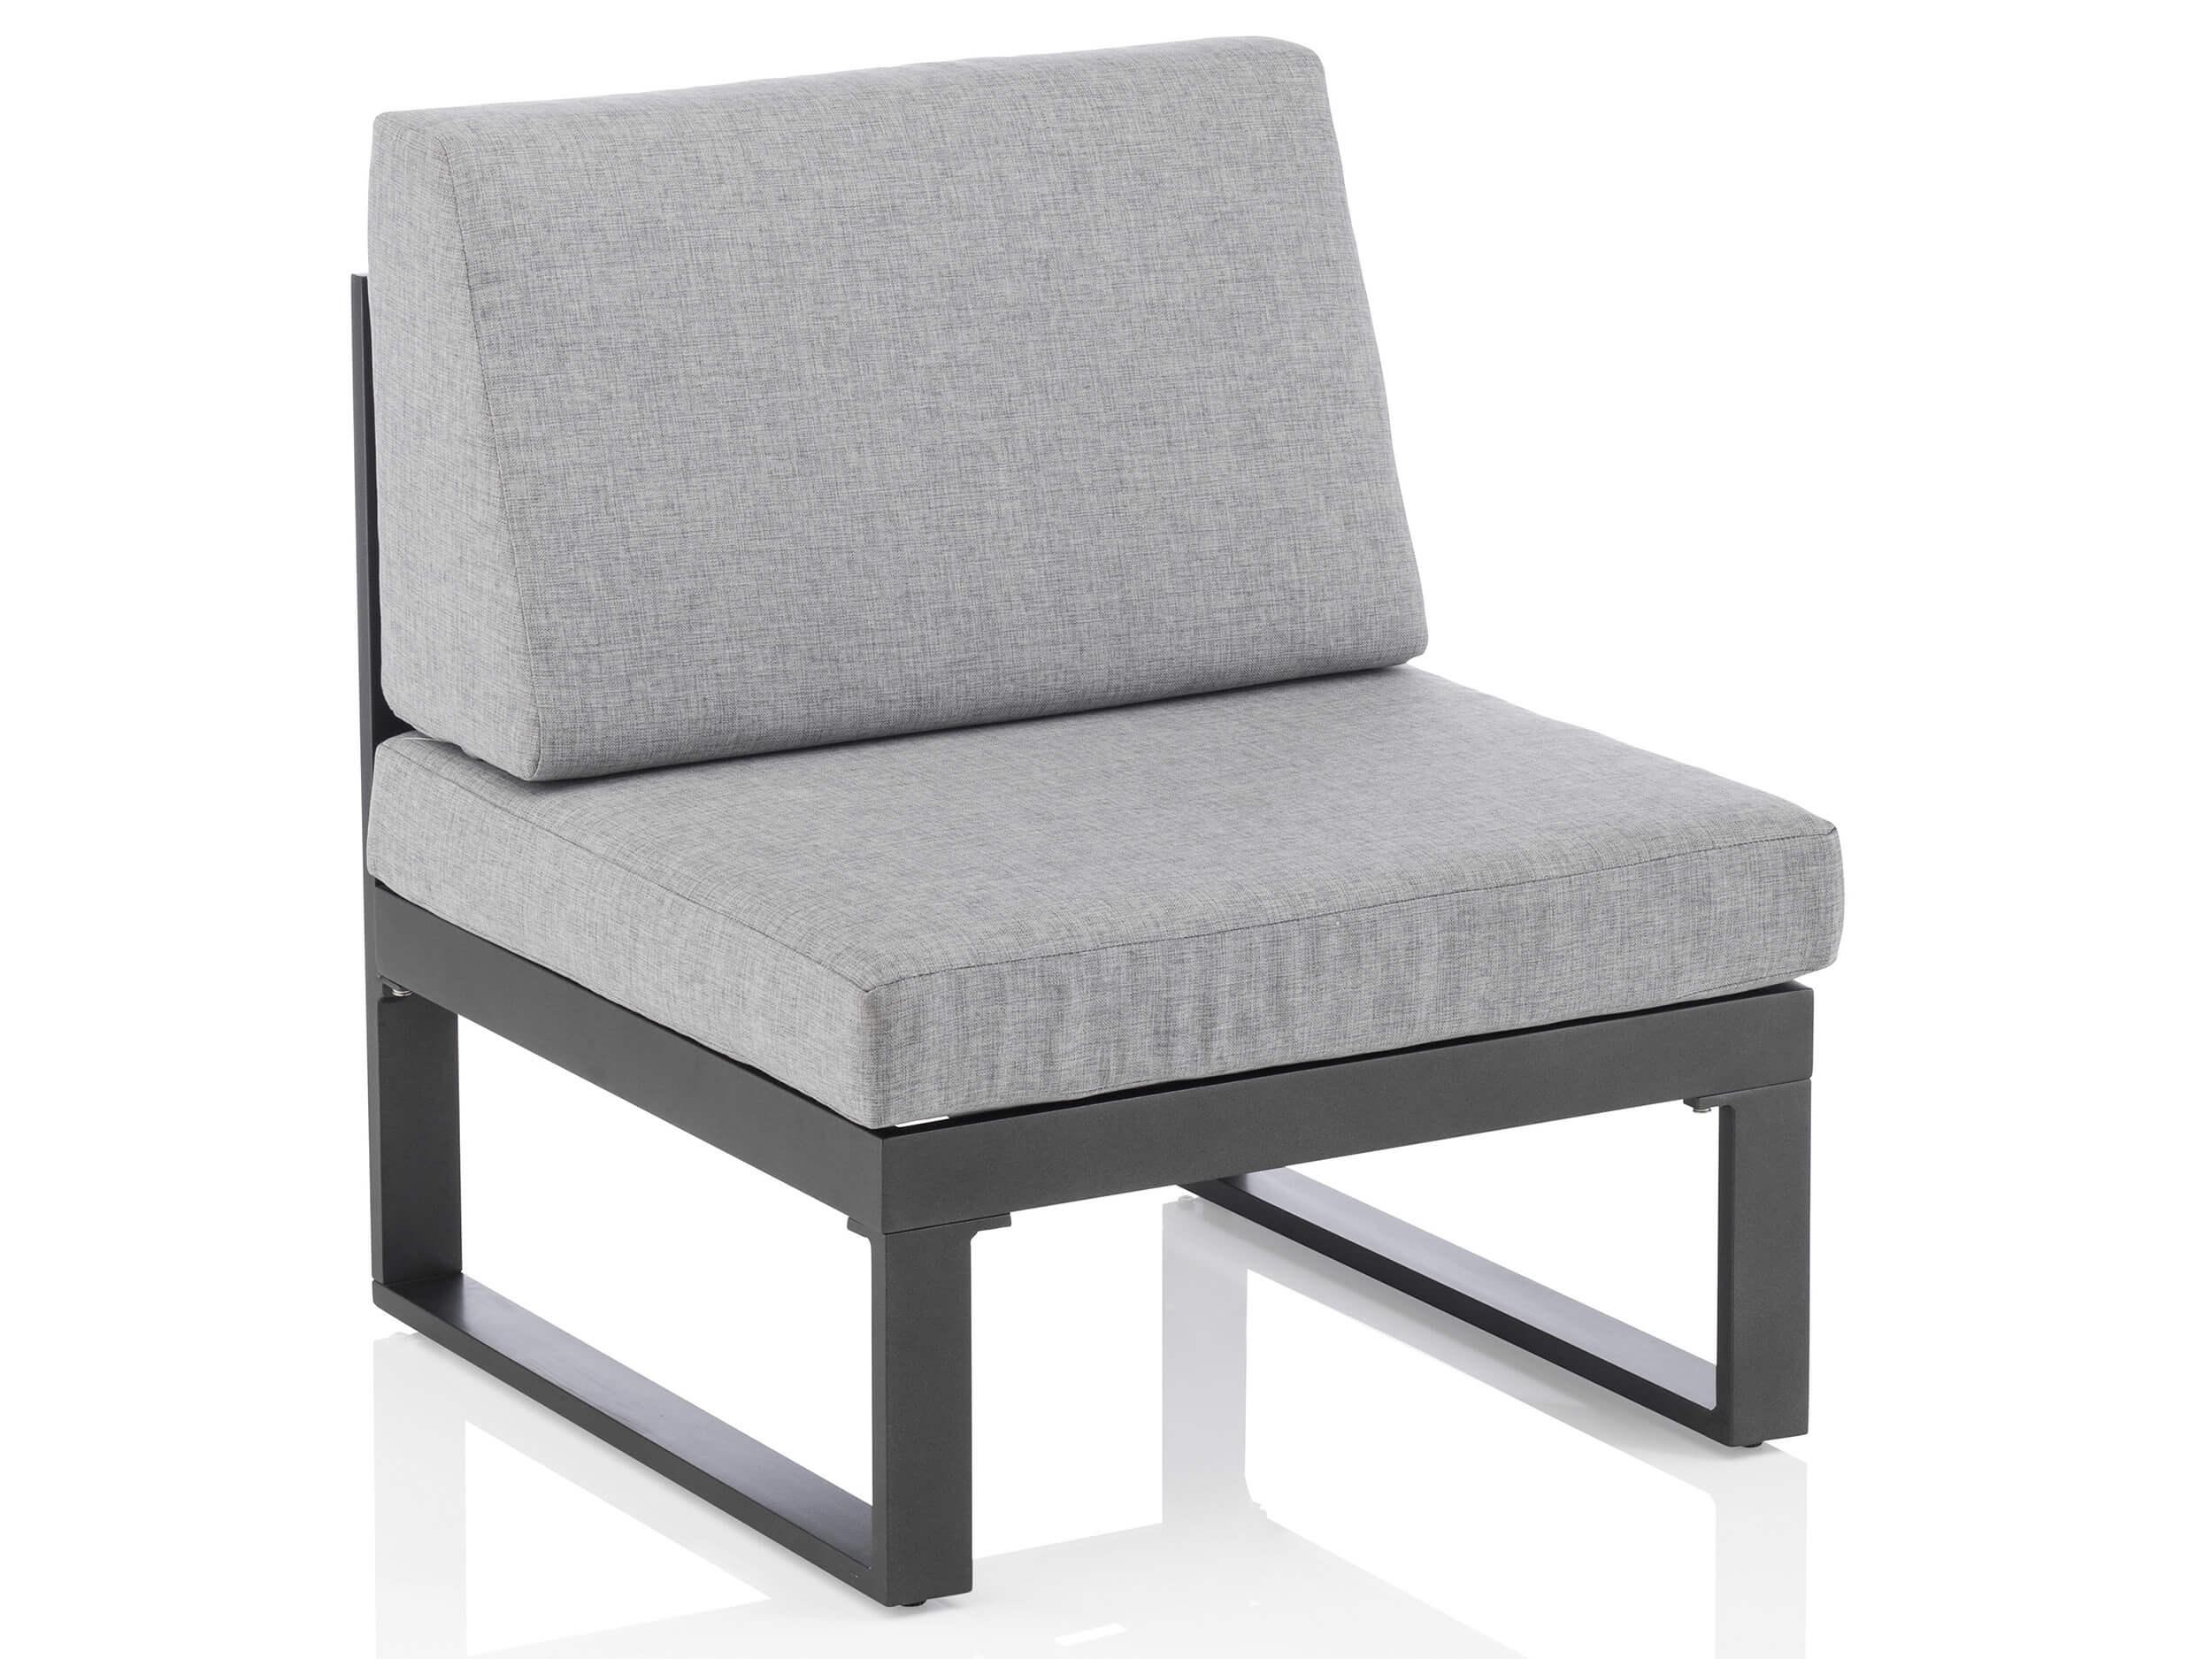 kettler ocean modular mittelteil inkl kissen. Black Bedroom Furniture Sets. Home Design Ideas